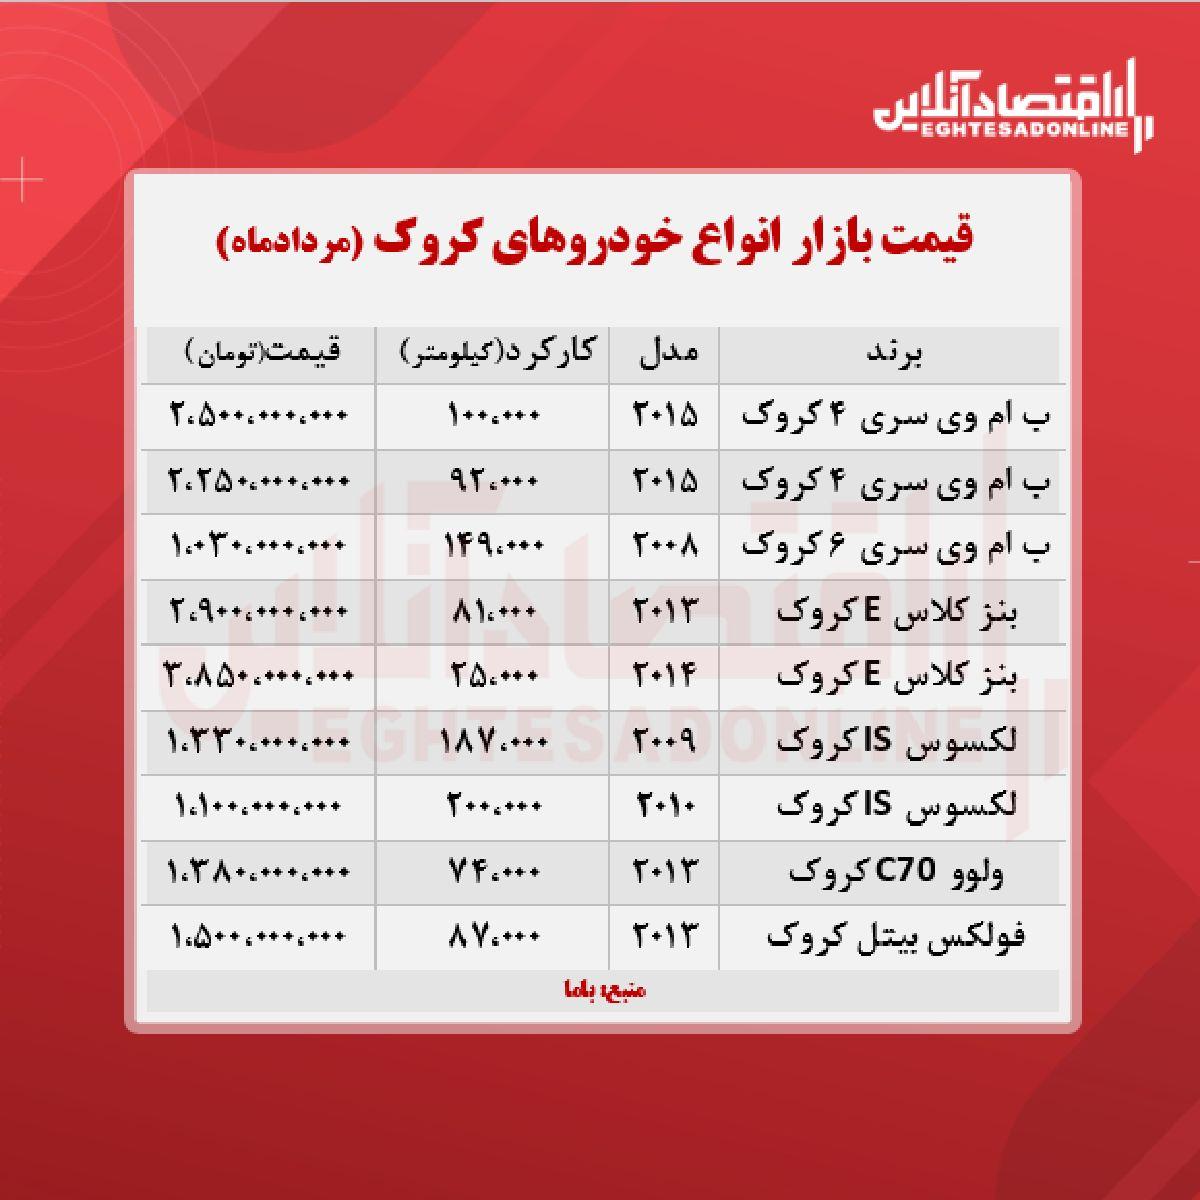 قیمت خودروهای کروک در تهران + جدول